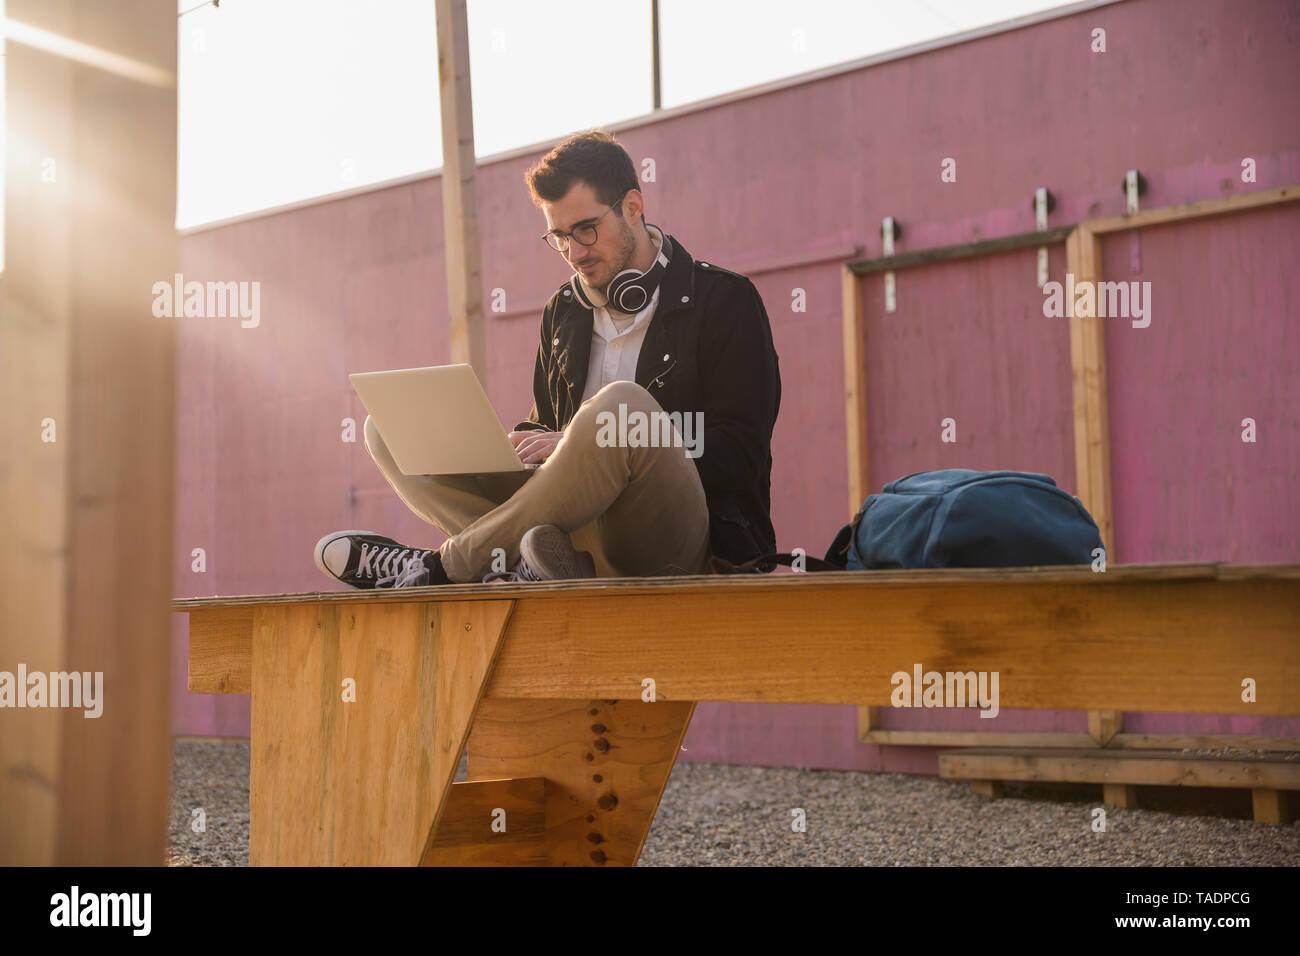 Young man sitting on platform using laptop - Stock Image